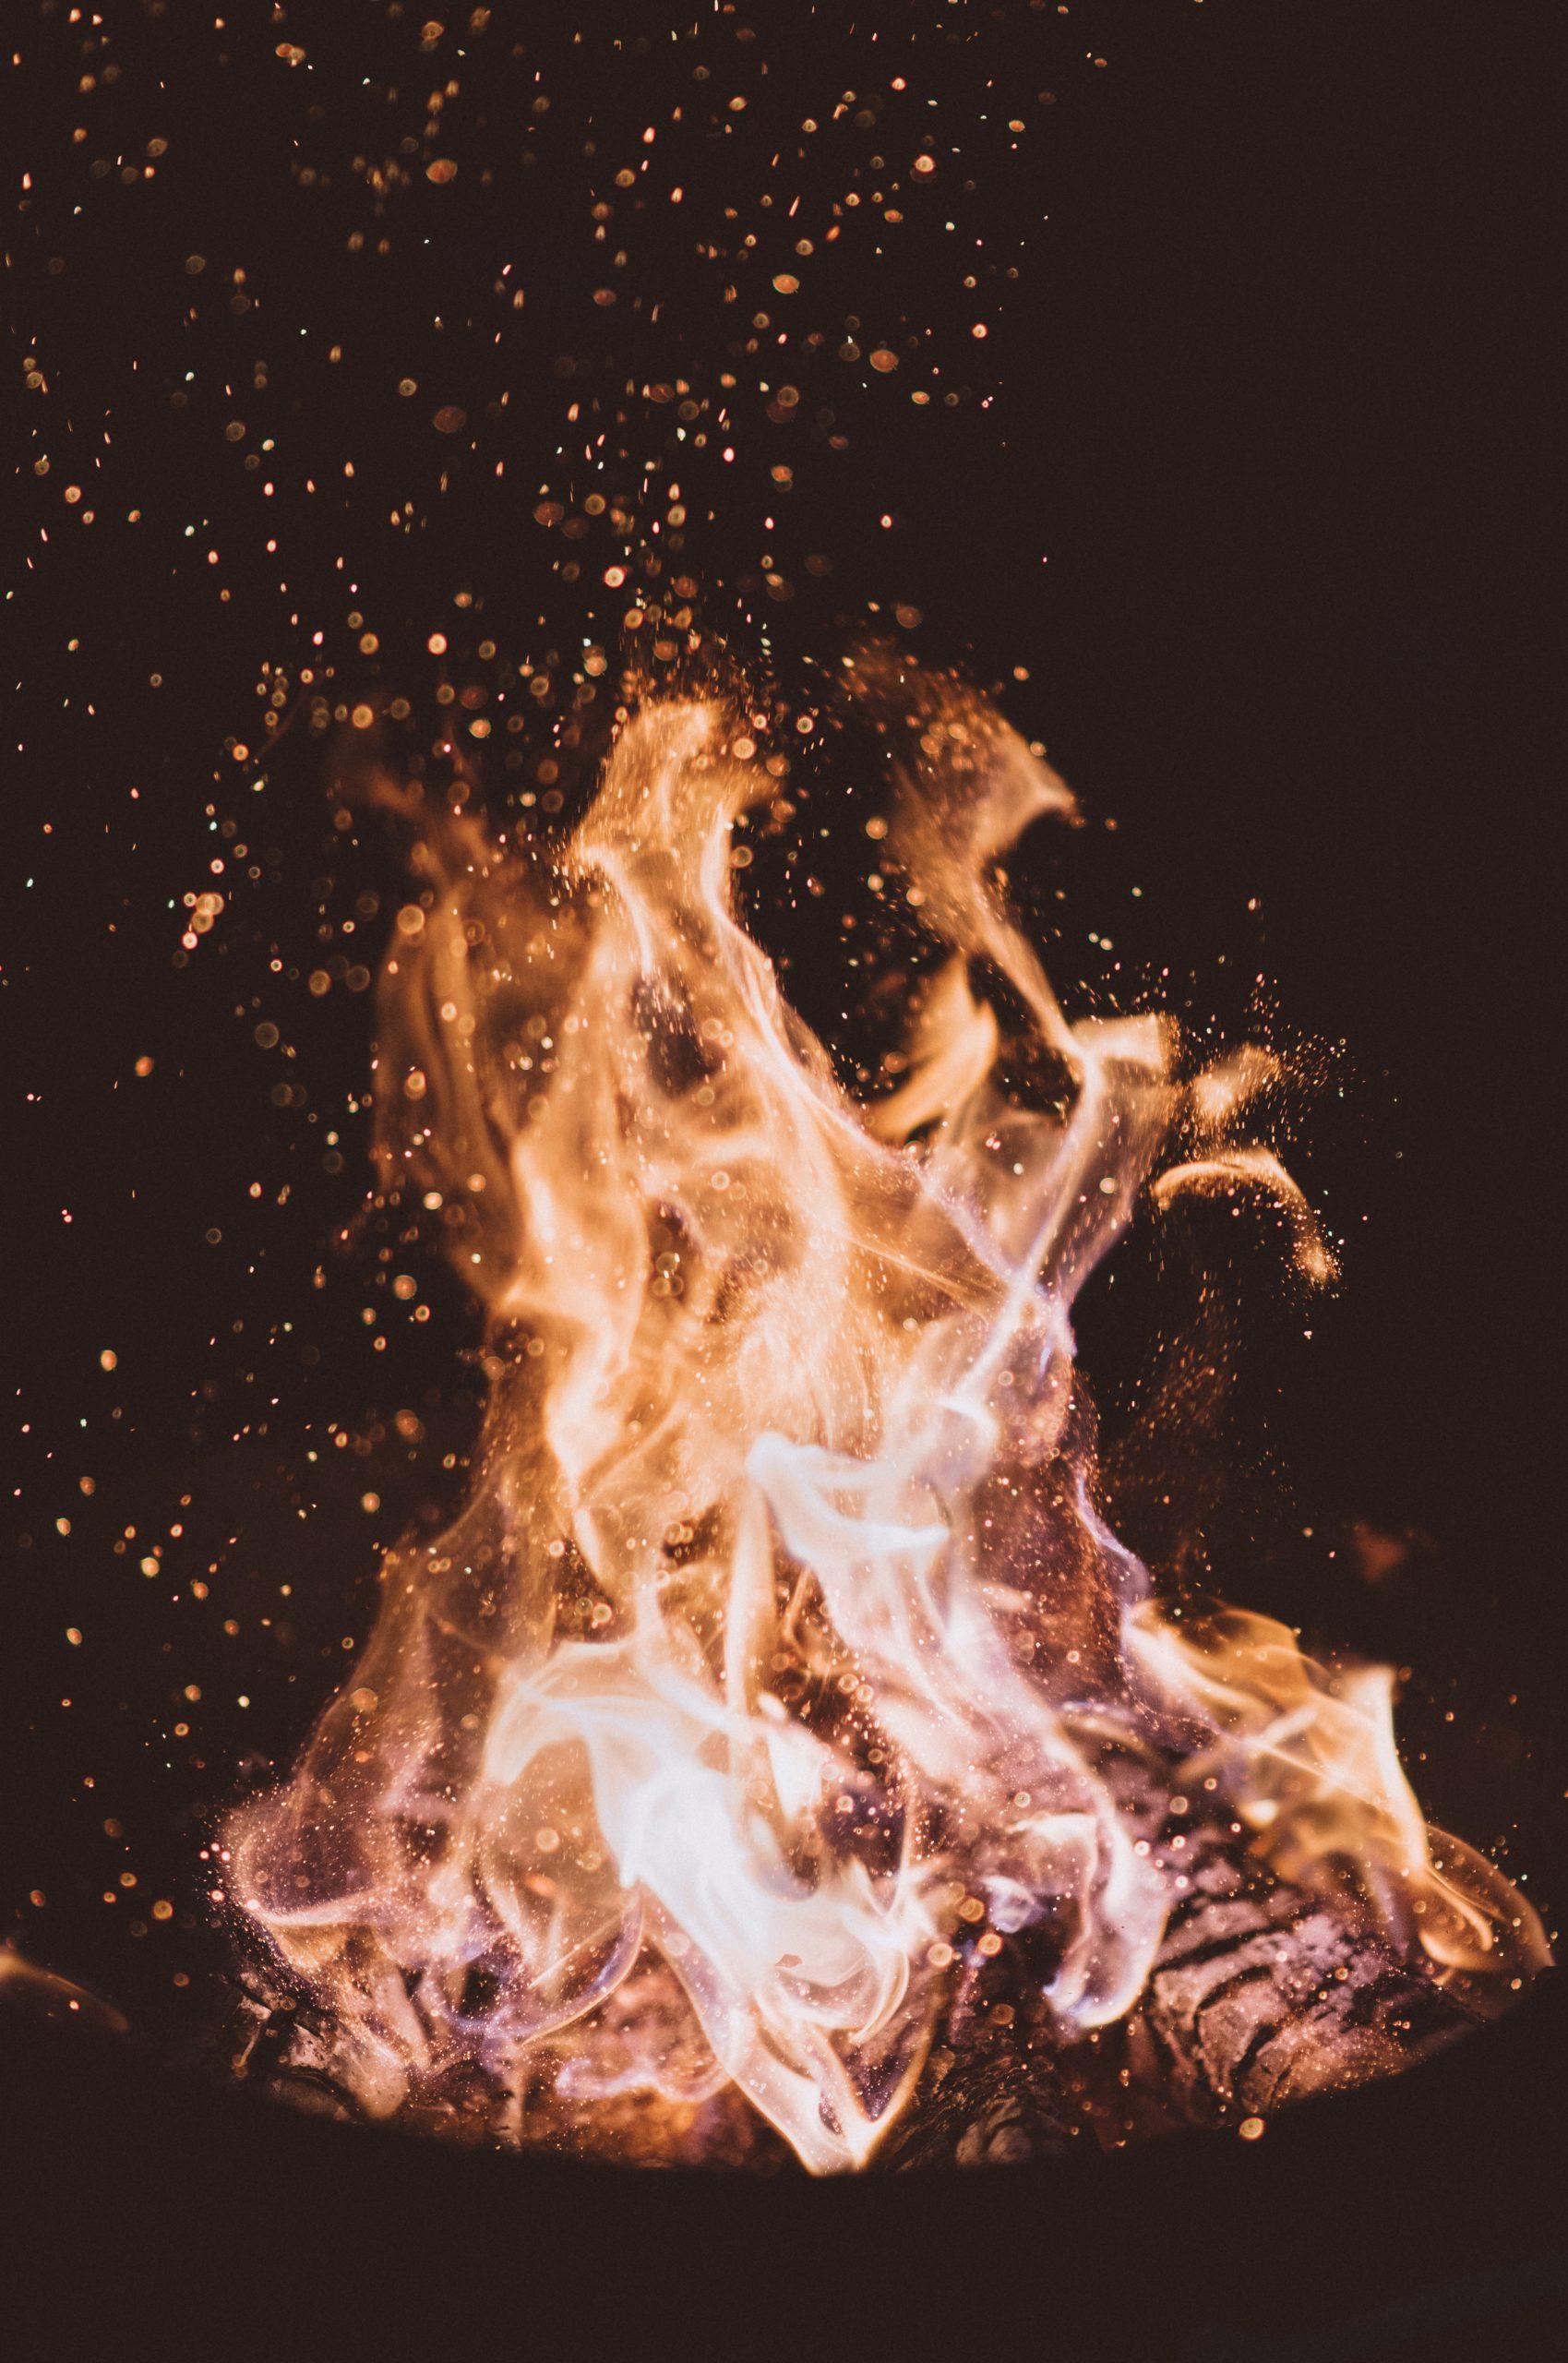 占い 火事 の 夢